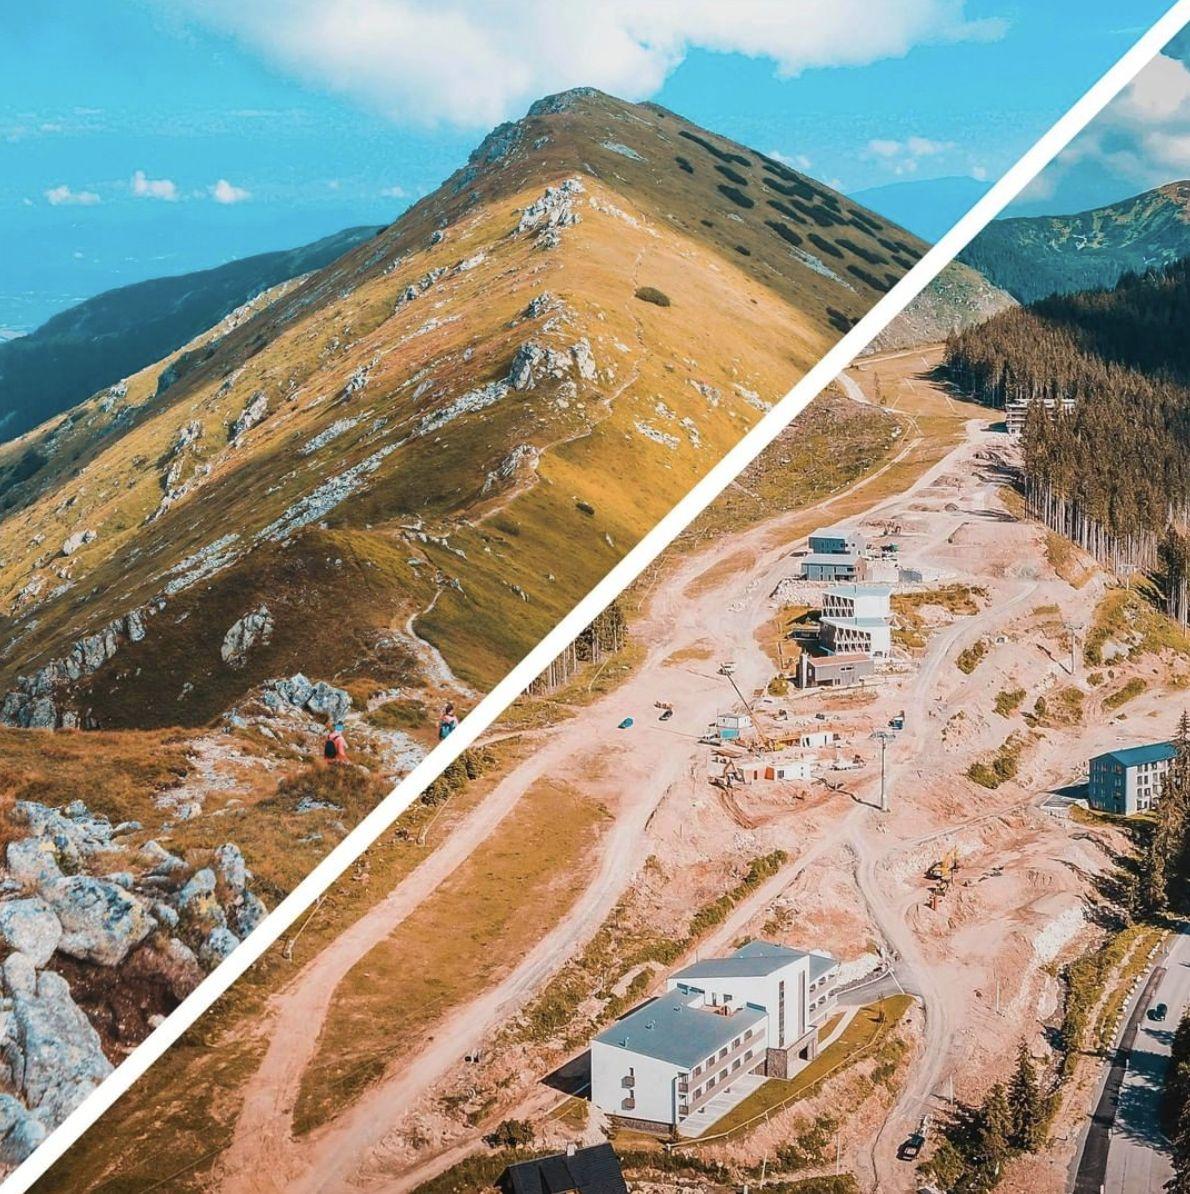 Podarí sa nám zachrániť Demänovskú dolinu? Aktivisti vytvorili petíciu za stavebnú uzáveru a reguláciu dopravy